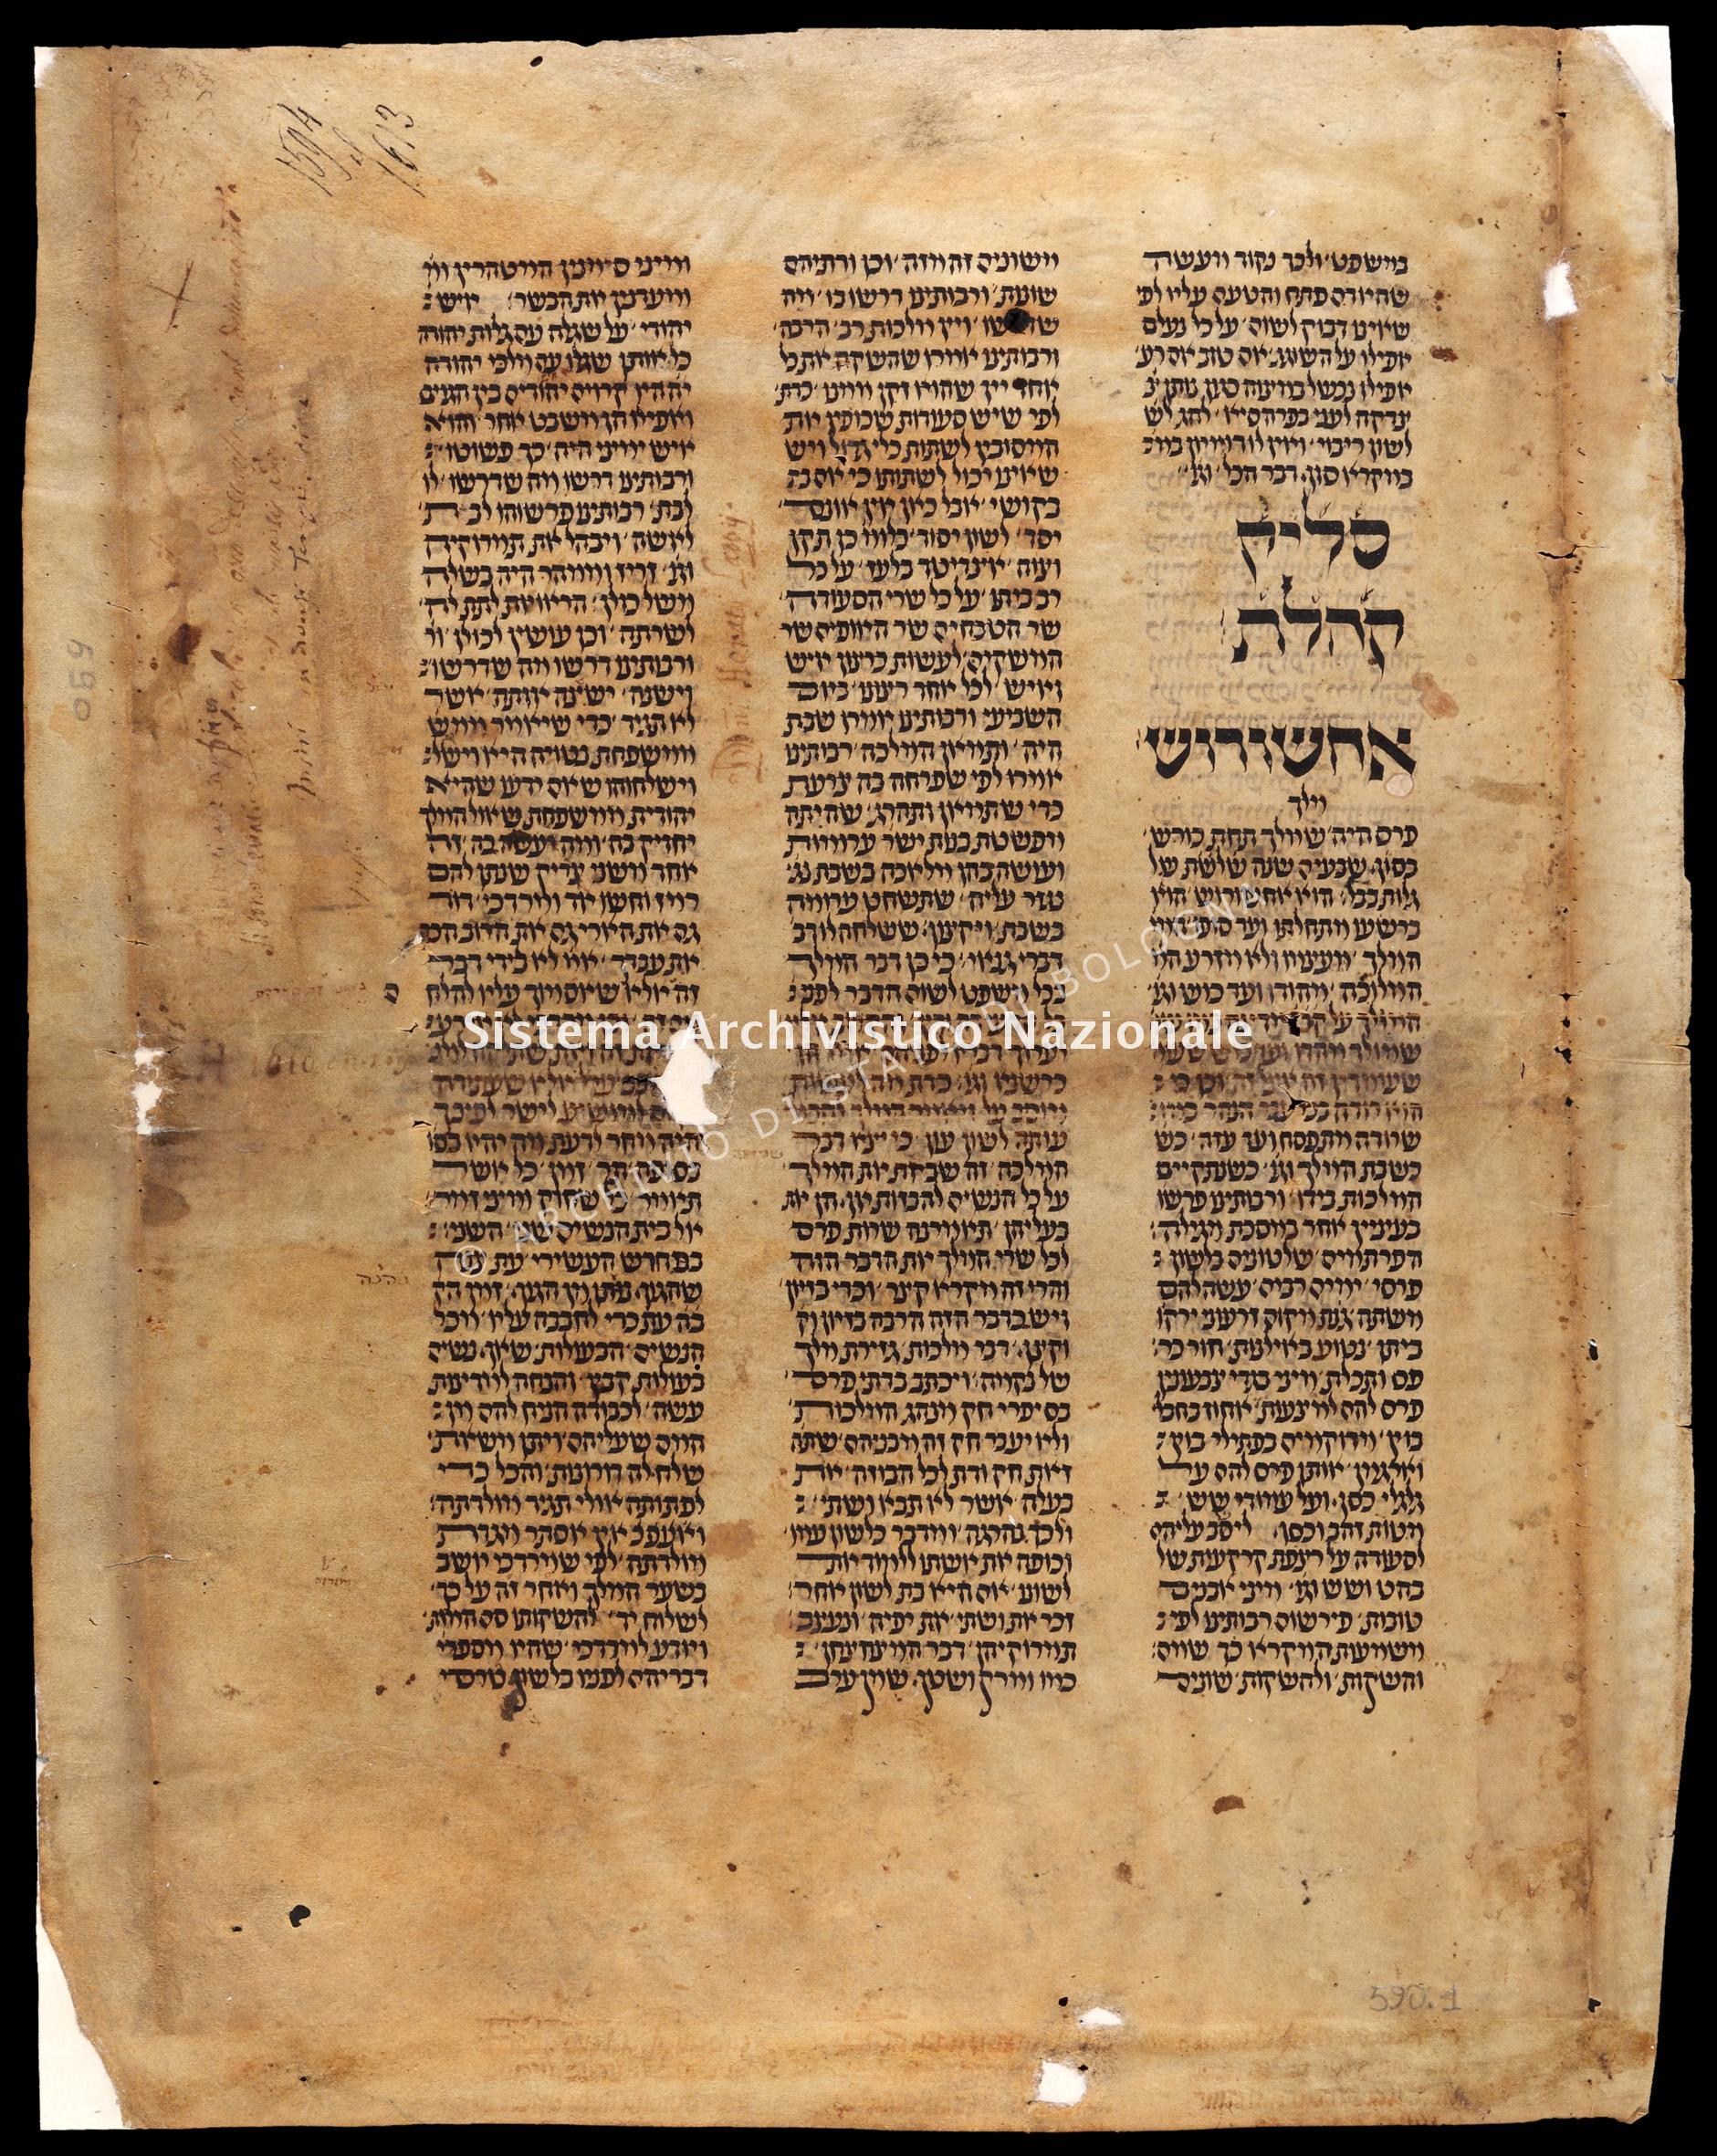 C.30.001, Archivio di Stato di Bologna, Frammenti di manoscritti, Frammenti di manoscritti ebraici, Frammento n. 590.1, recto